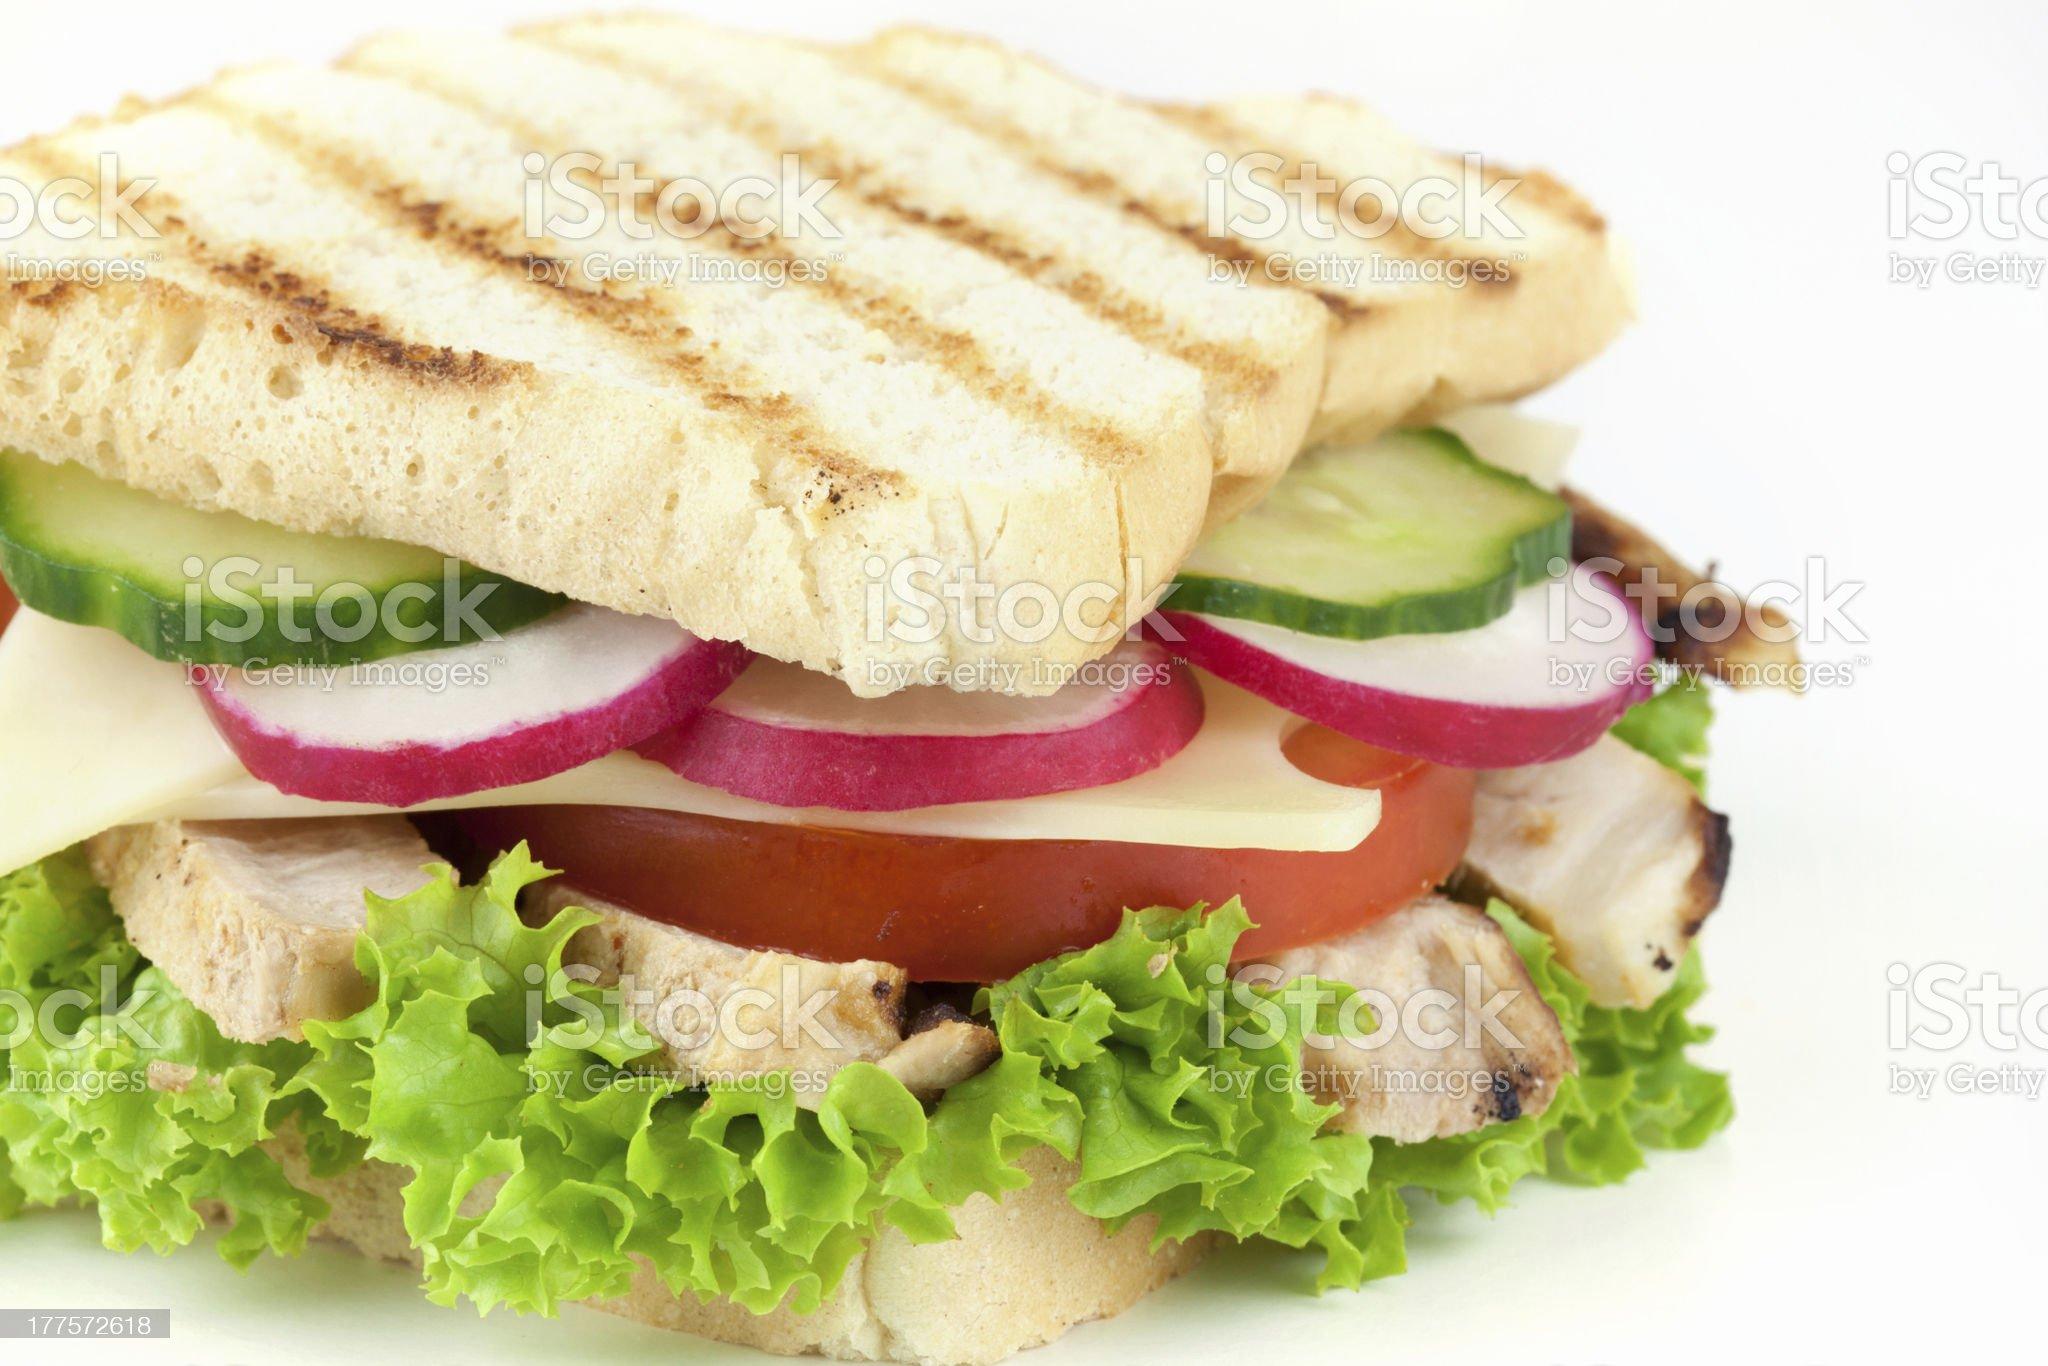 frisches sandwich mit h?nchenfleisch royalty-free stock photo